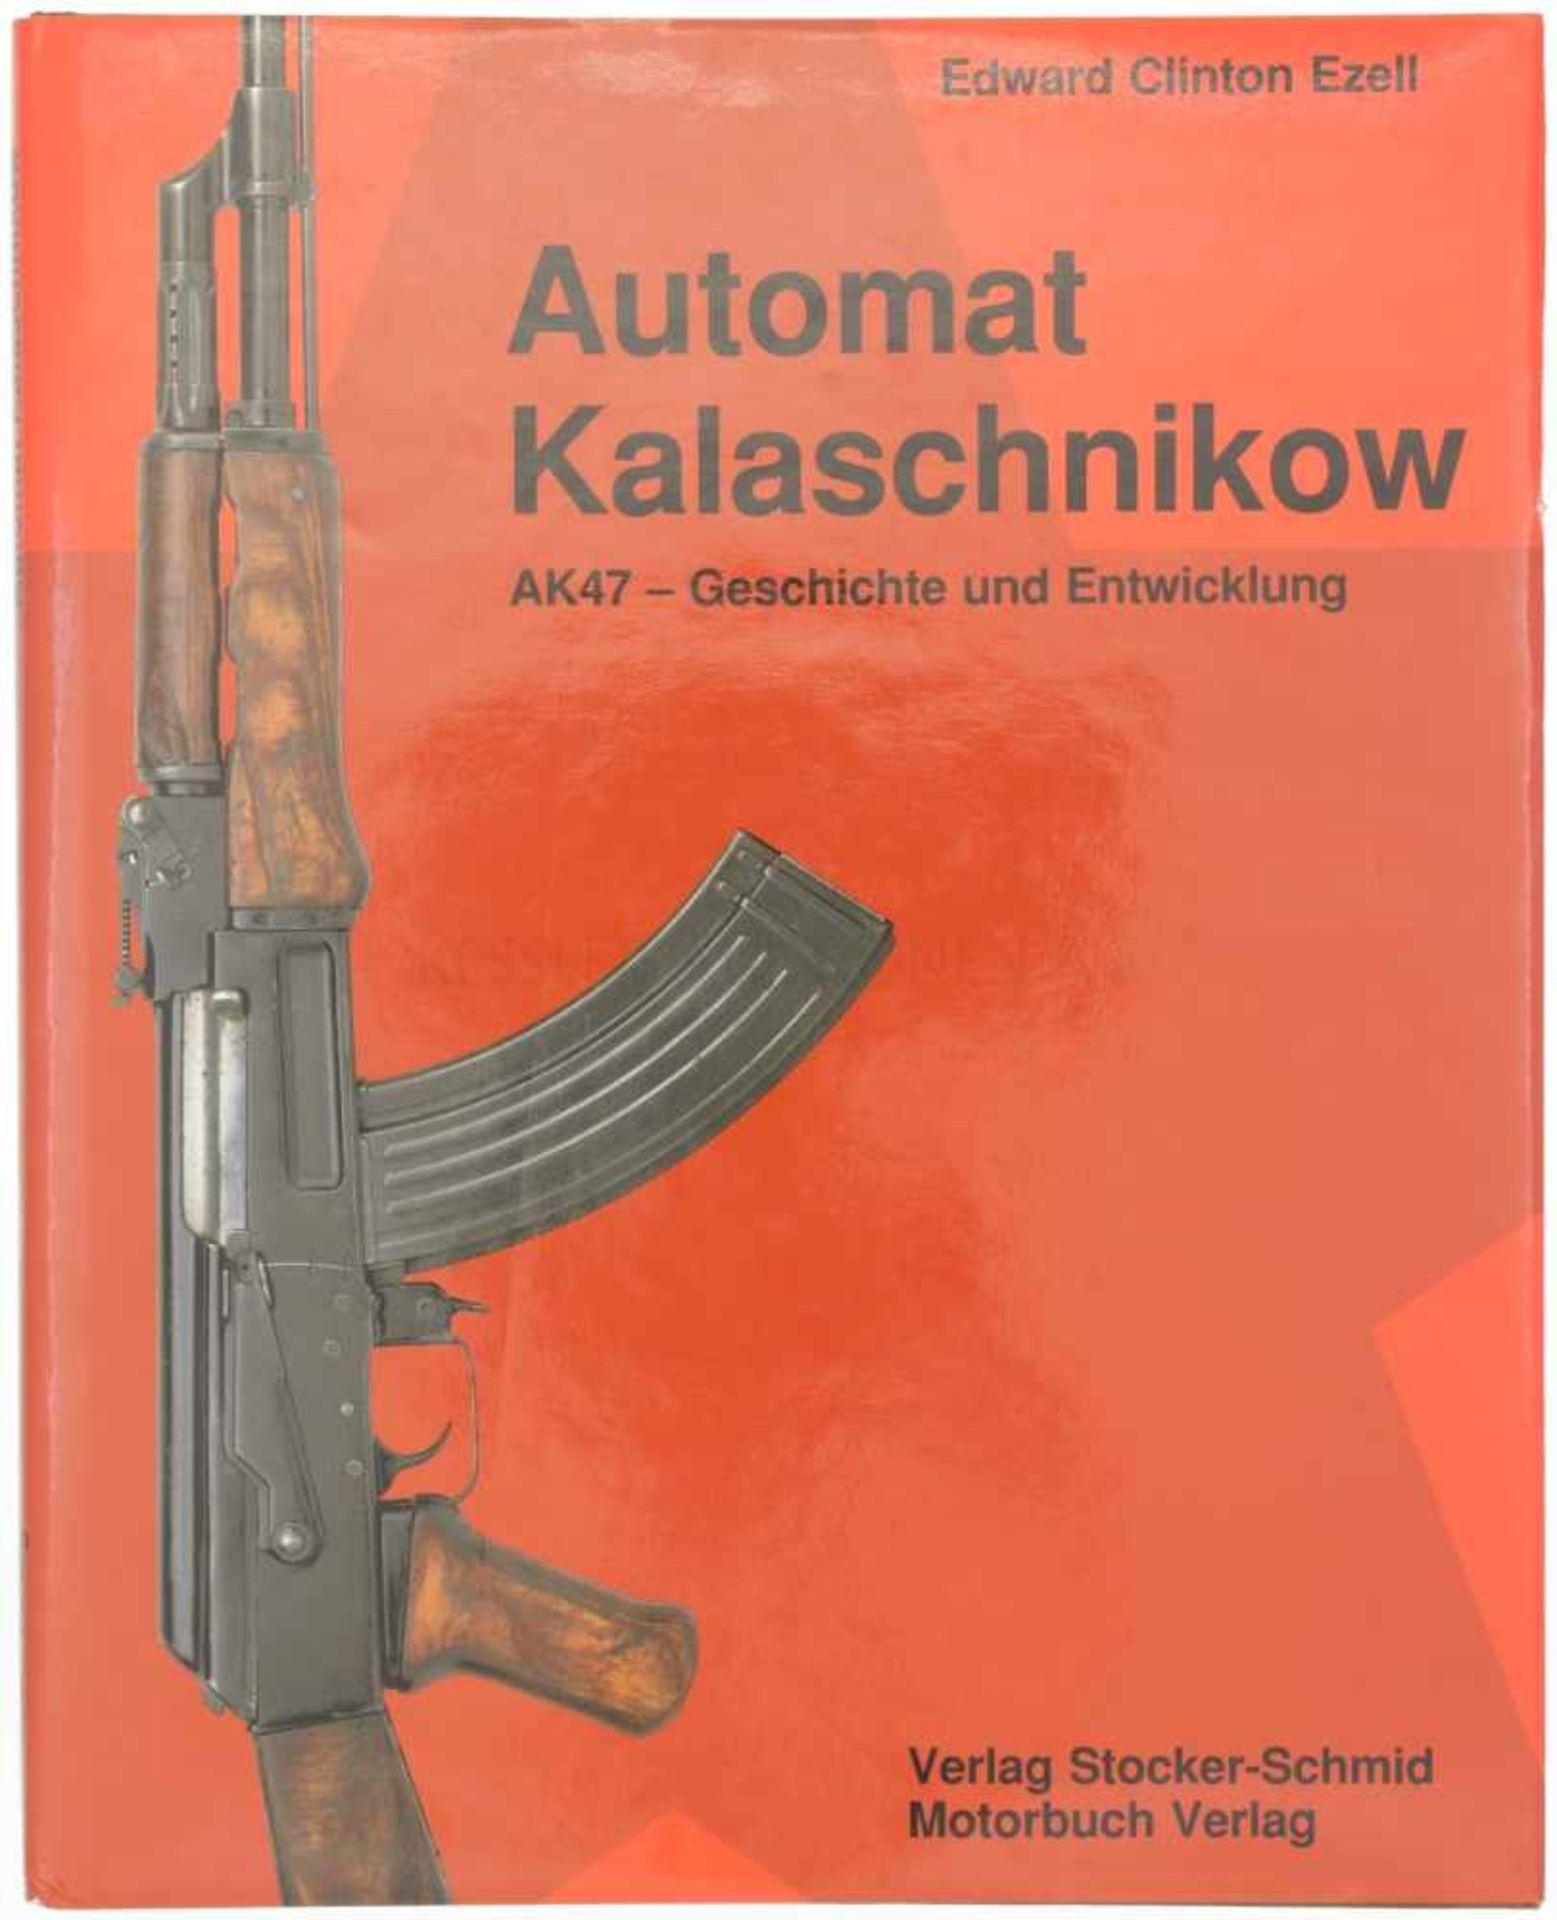 Buch, Automat Kalaschnikow Geschichte und Entwicklung der AK47. Der Autor Edward Ezell beschreibt